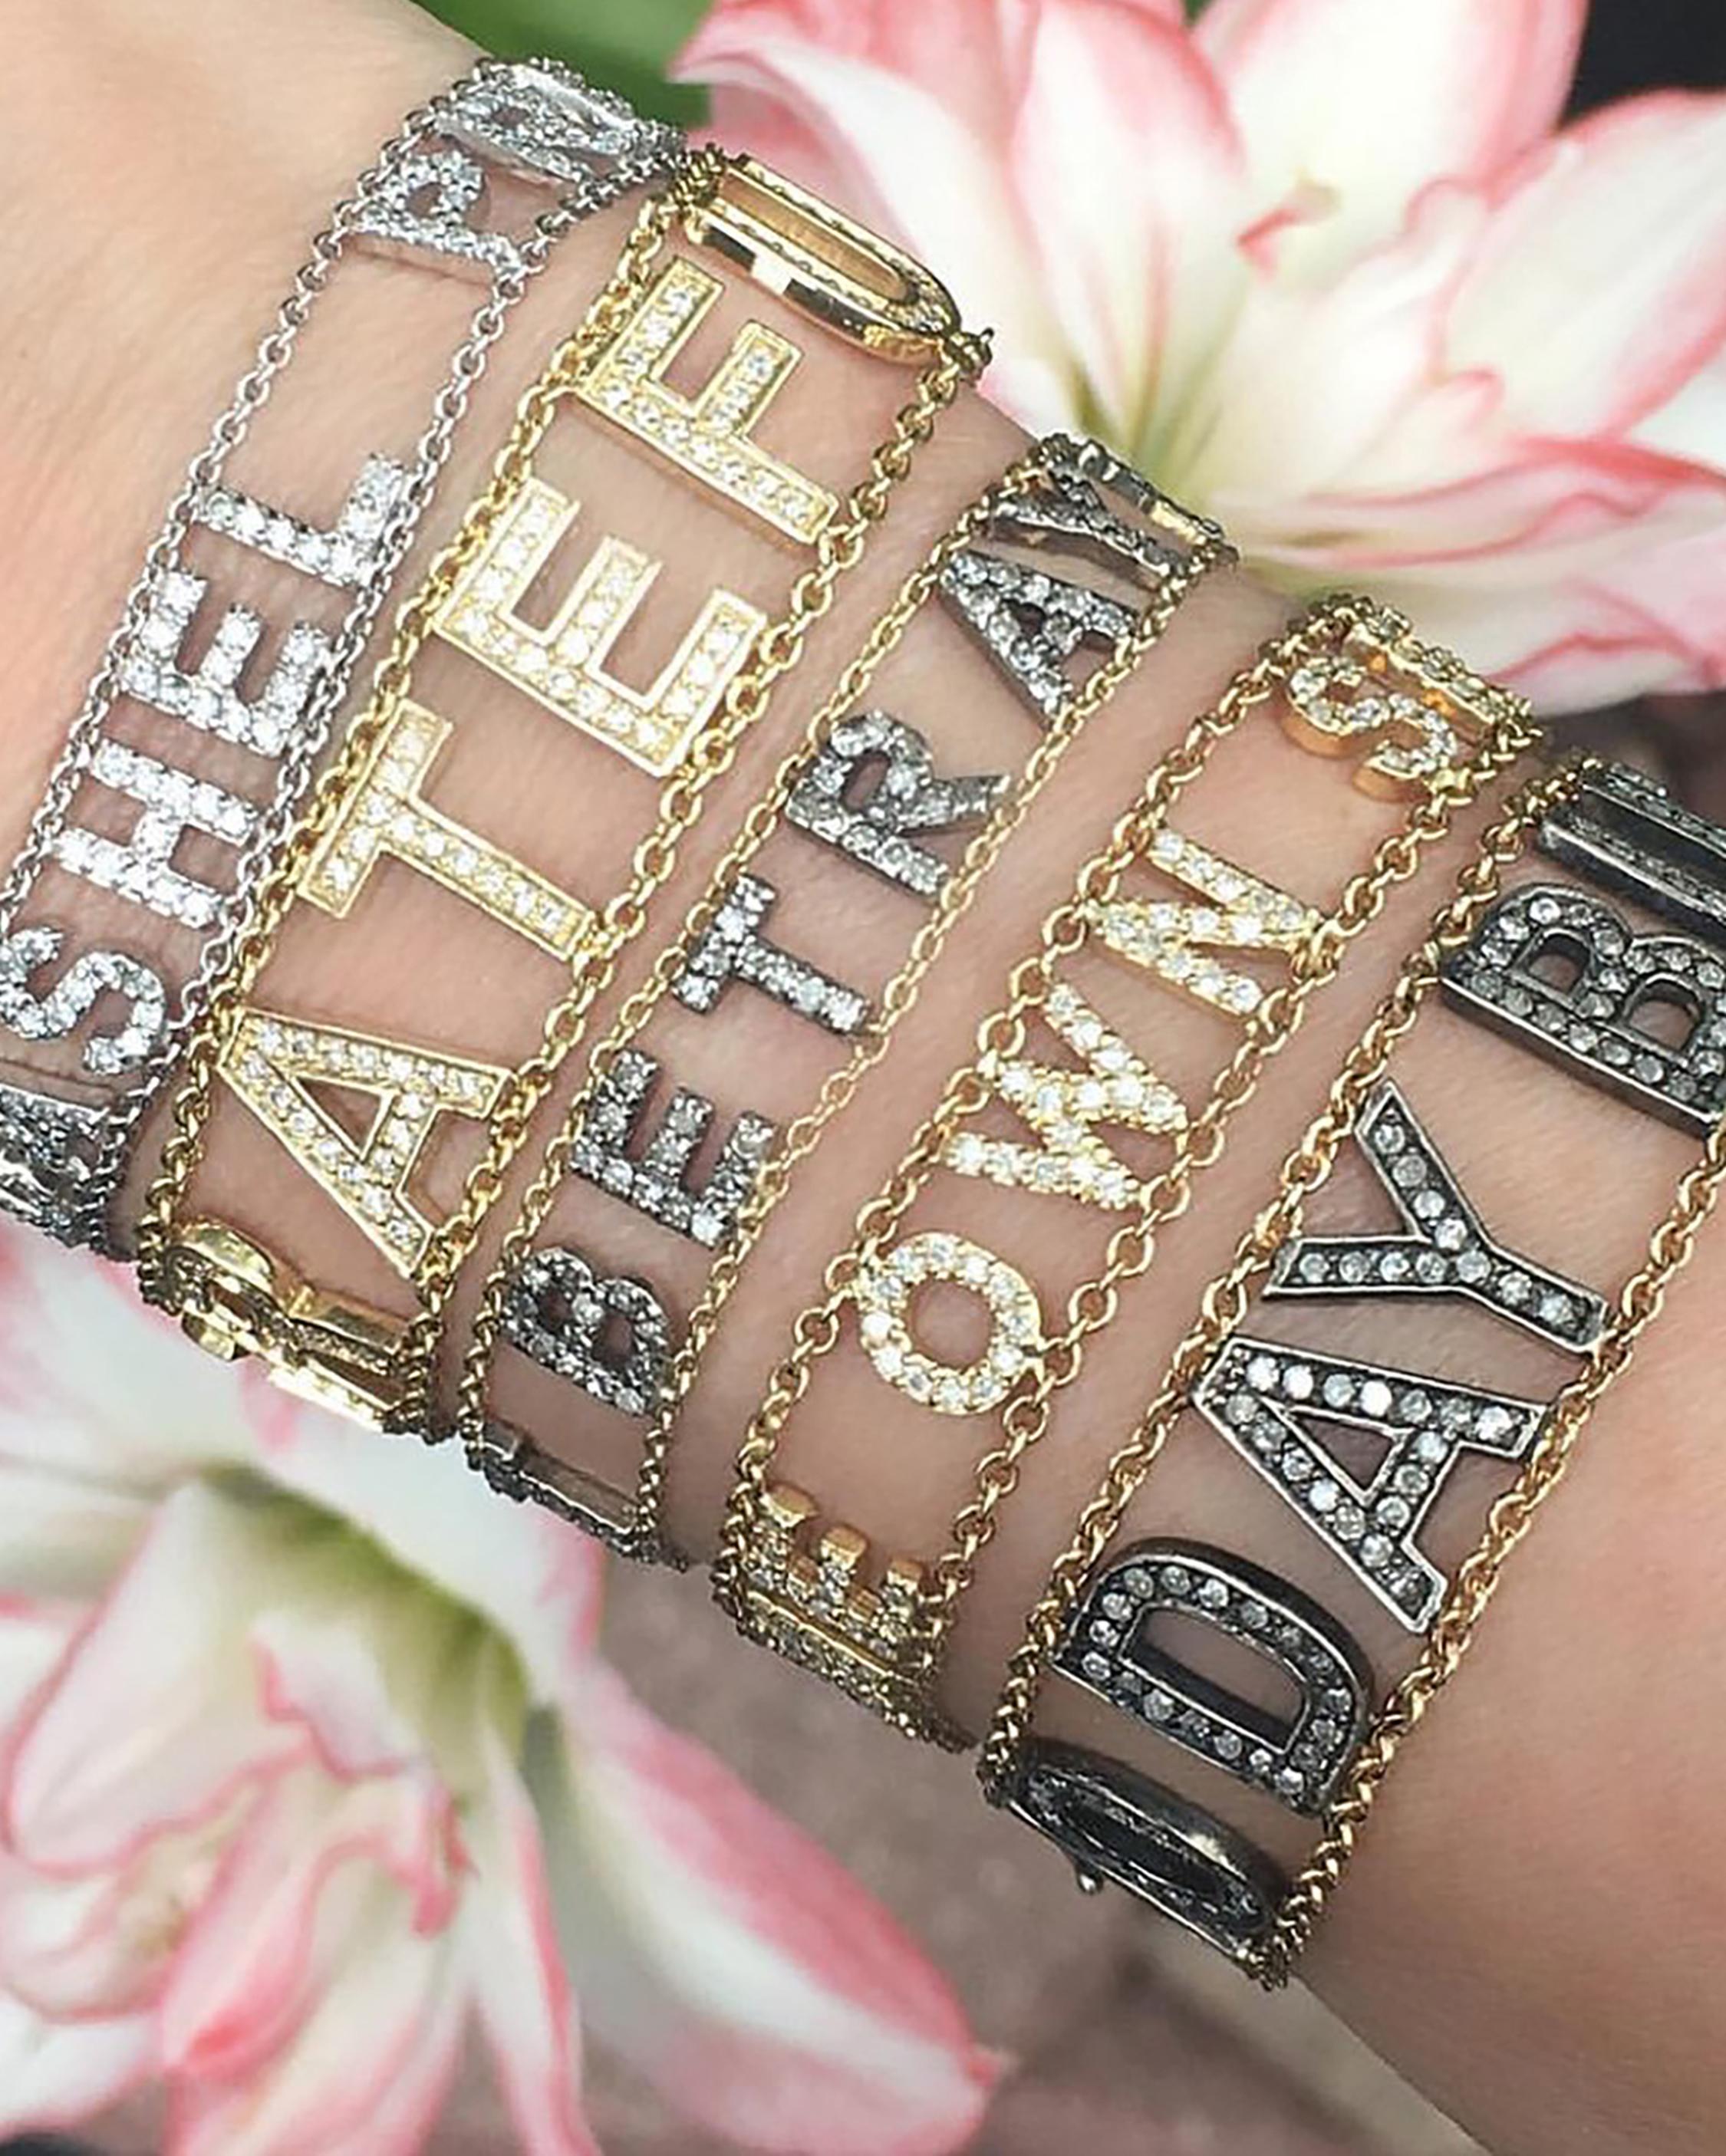 Eden Presley Count Your Blessing Bracelet 2